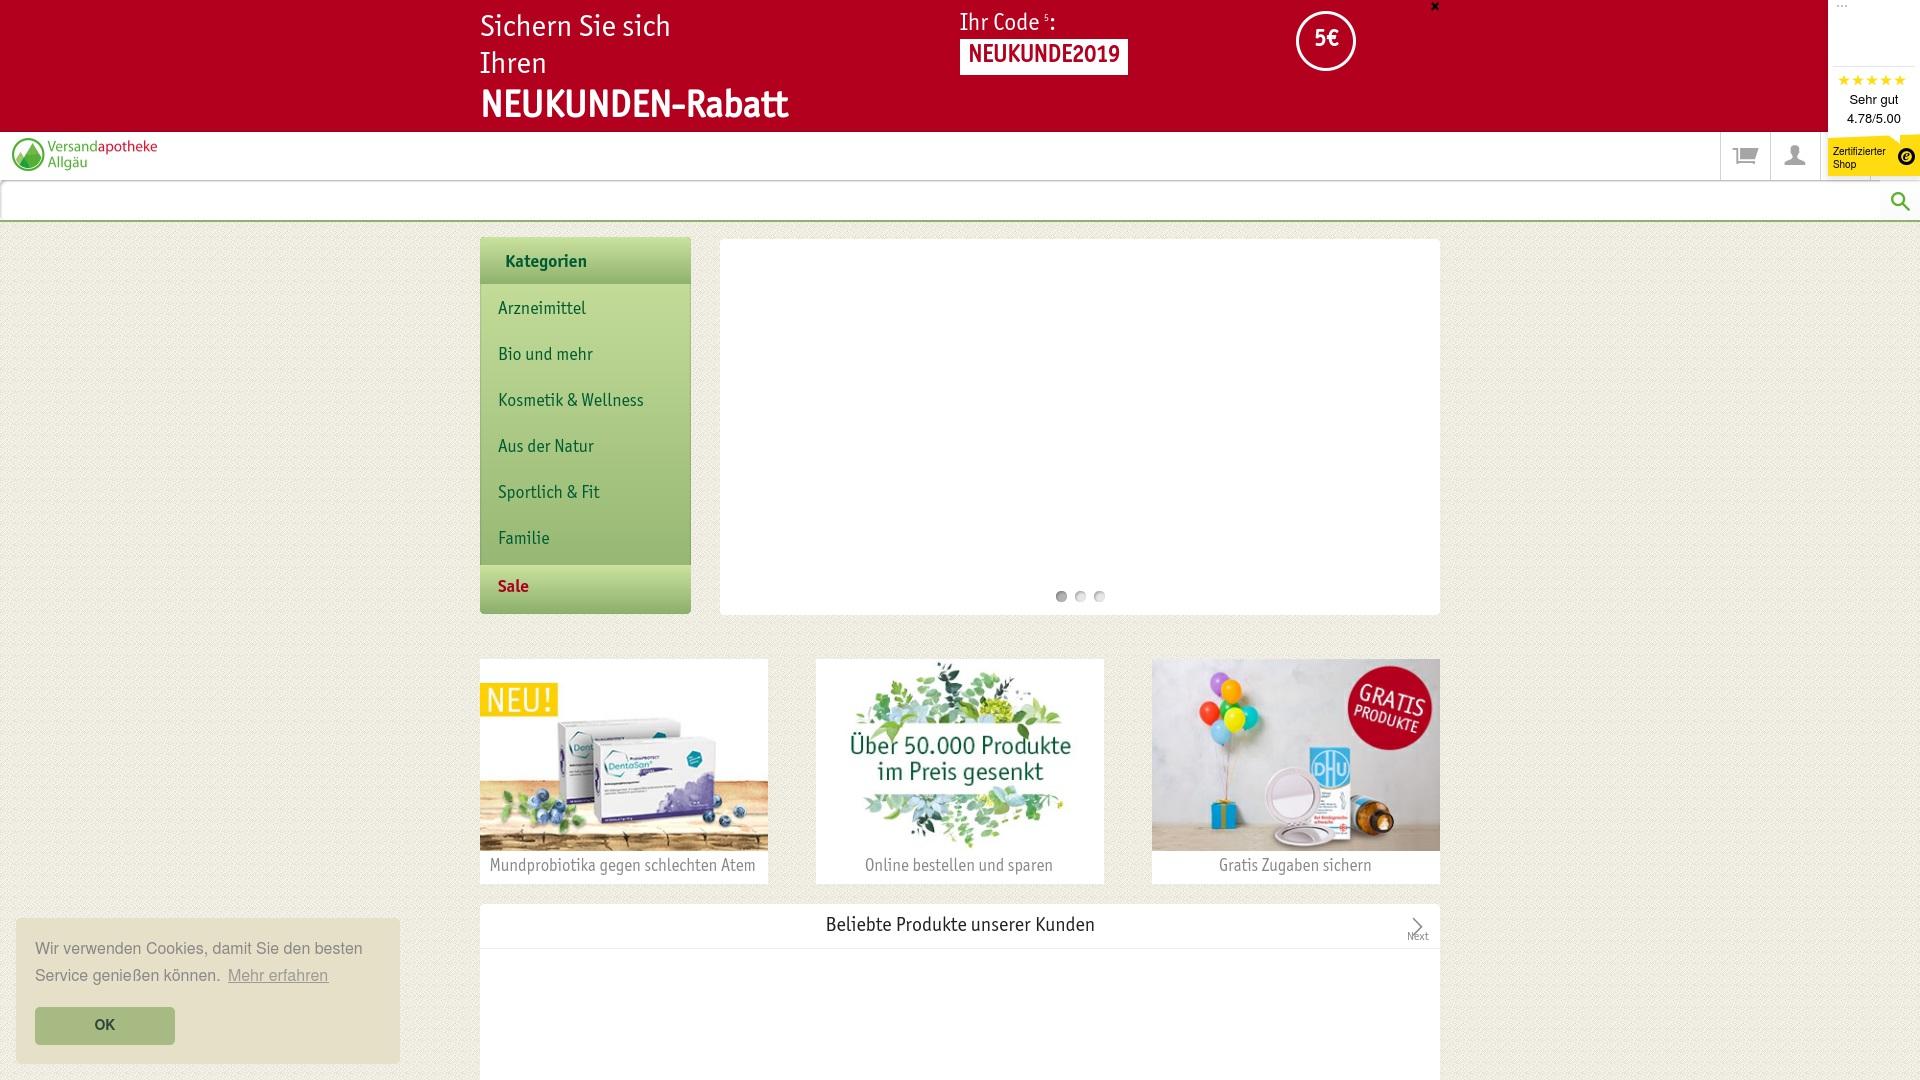 Gutschein für Versandapotheke-allgaeu: Rabatte für  Versandapotheke-allgaeu sichern